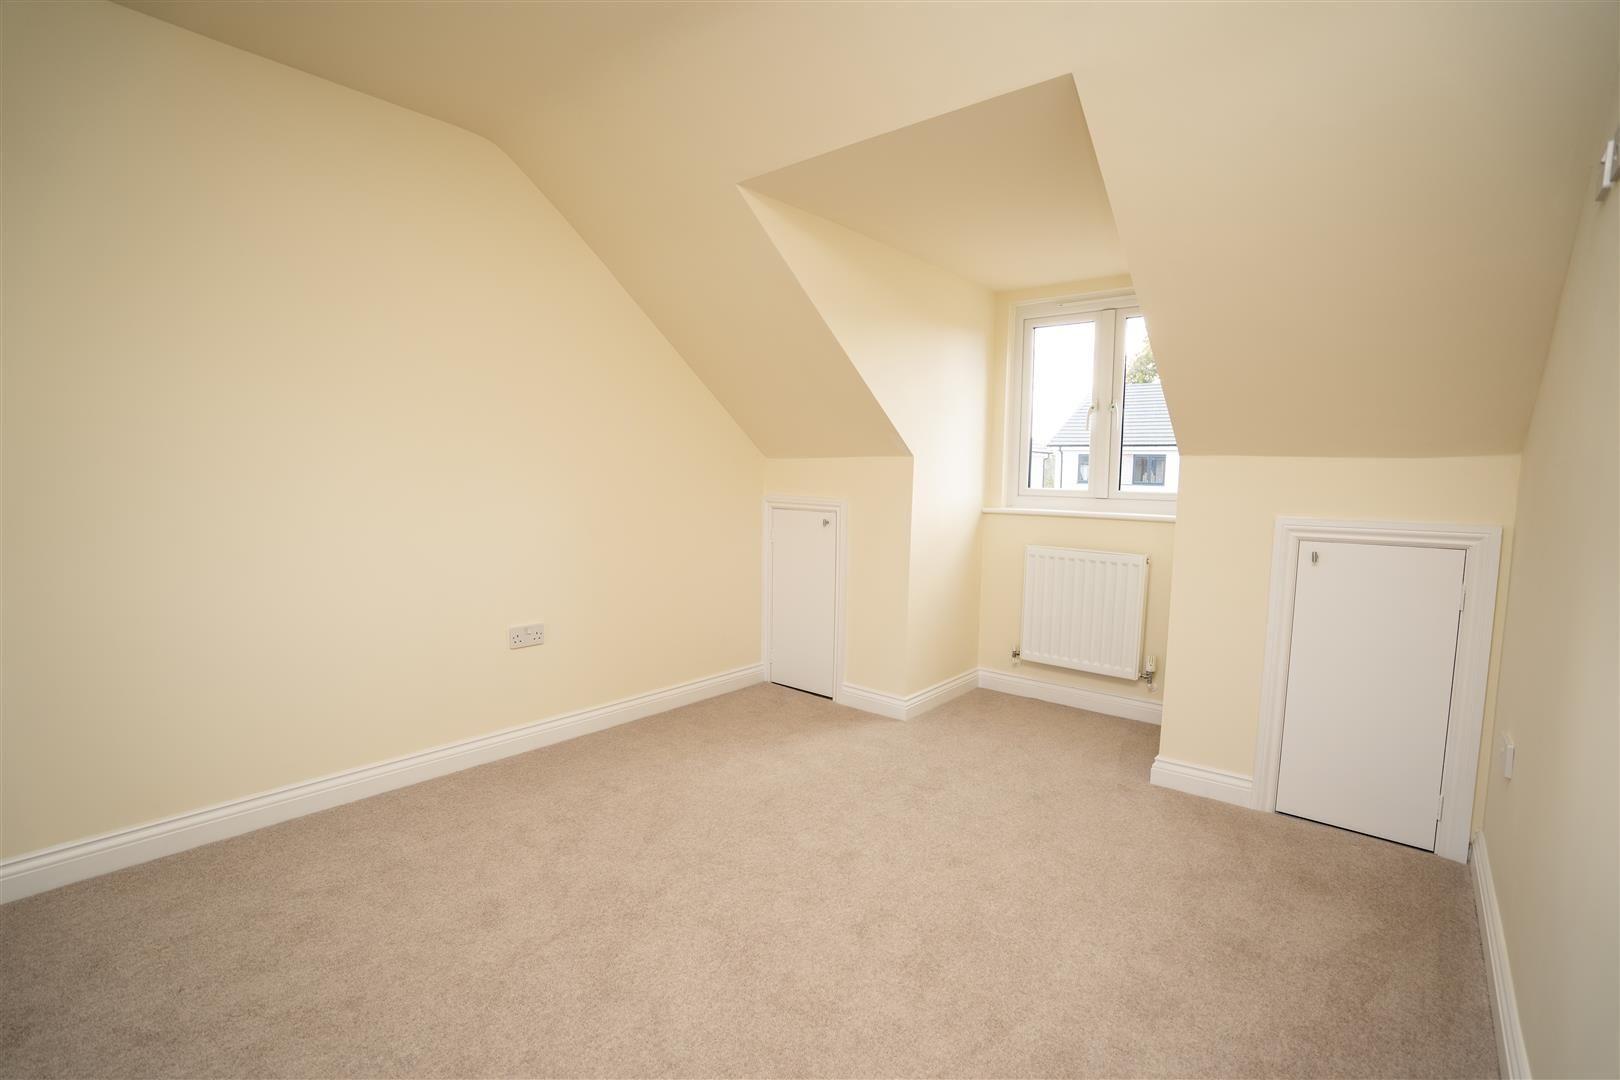 4 bed detached for sale in Kingsland  - Property Image 15